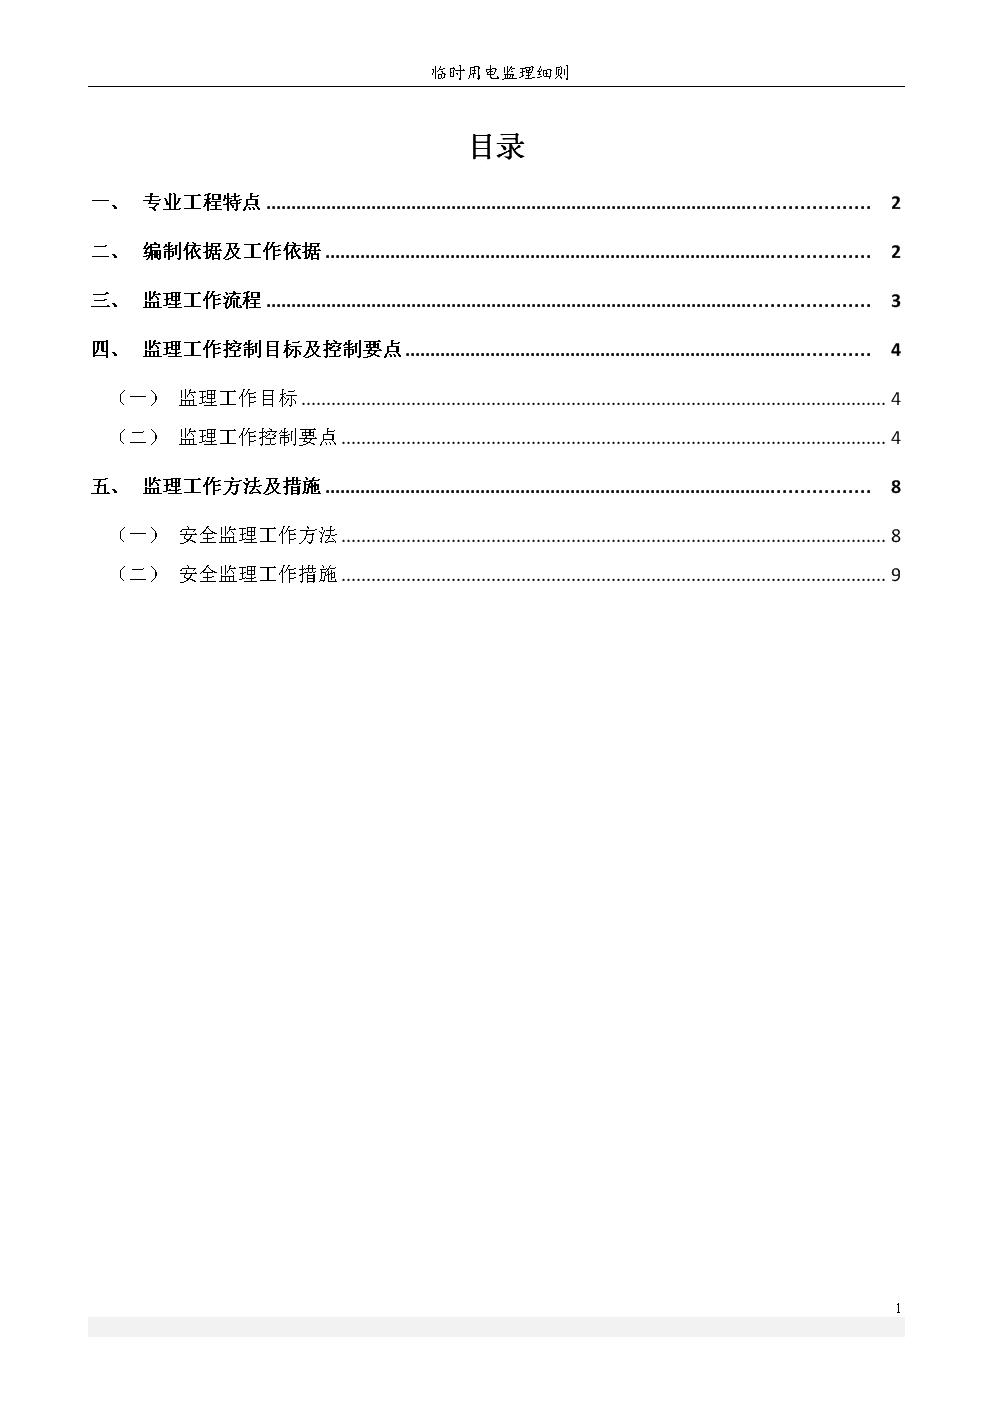 高层楼工程临时用电监理细则旁站监理方案 (1).doc